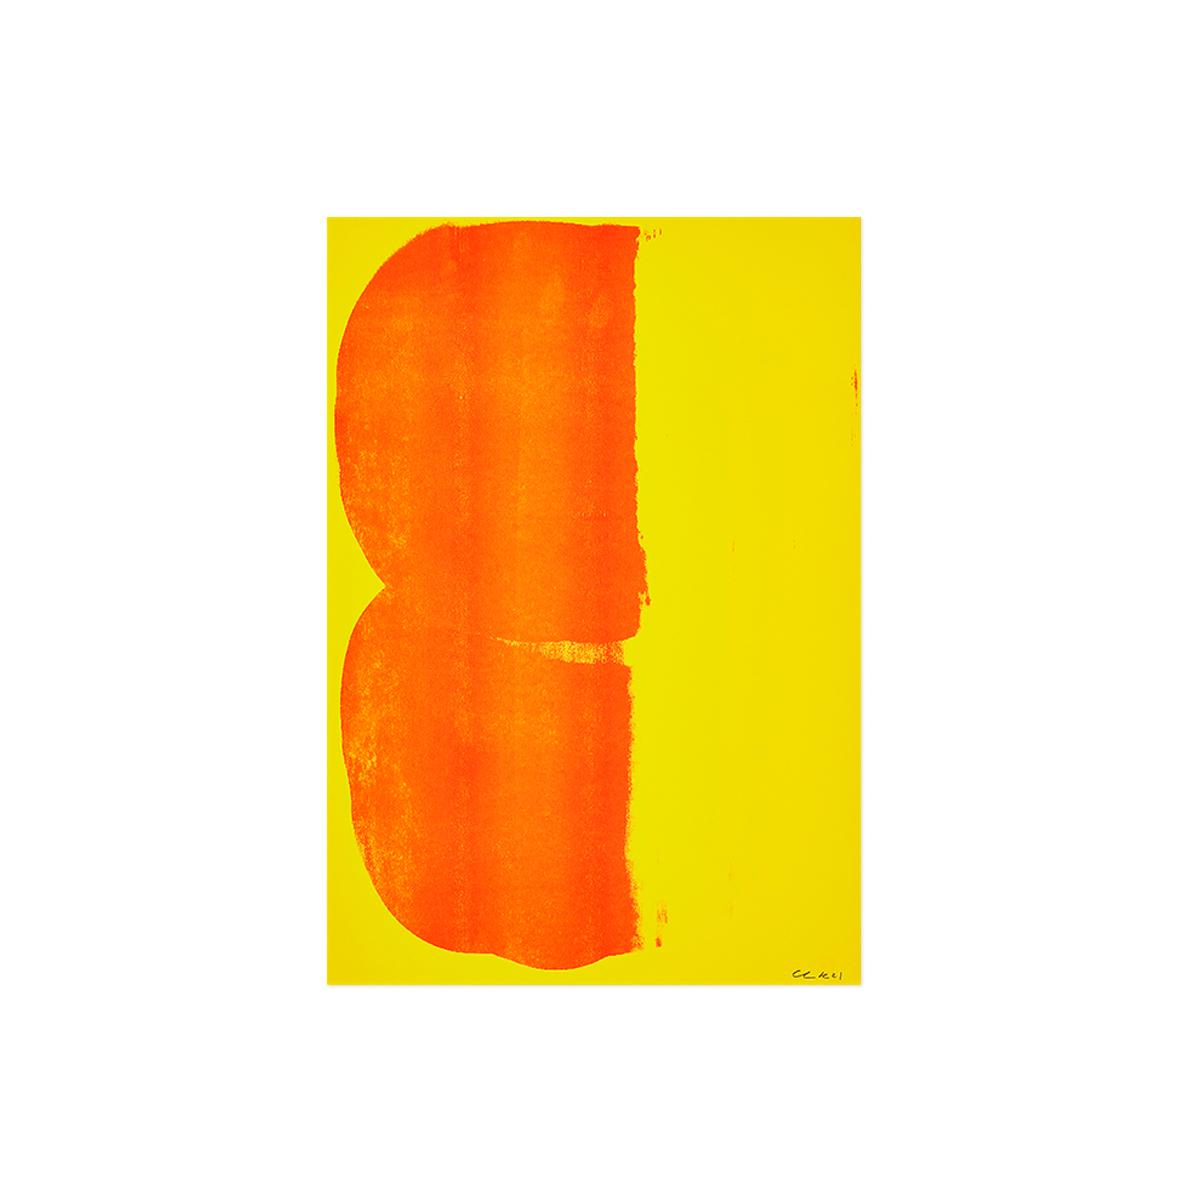 플랫폼엘 크리스 로 Both Poster (Yellow)